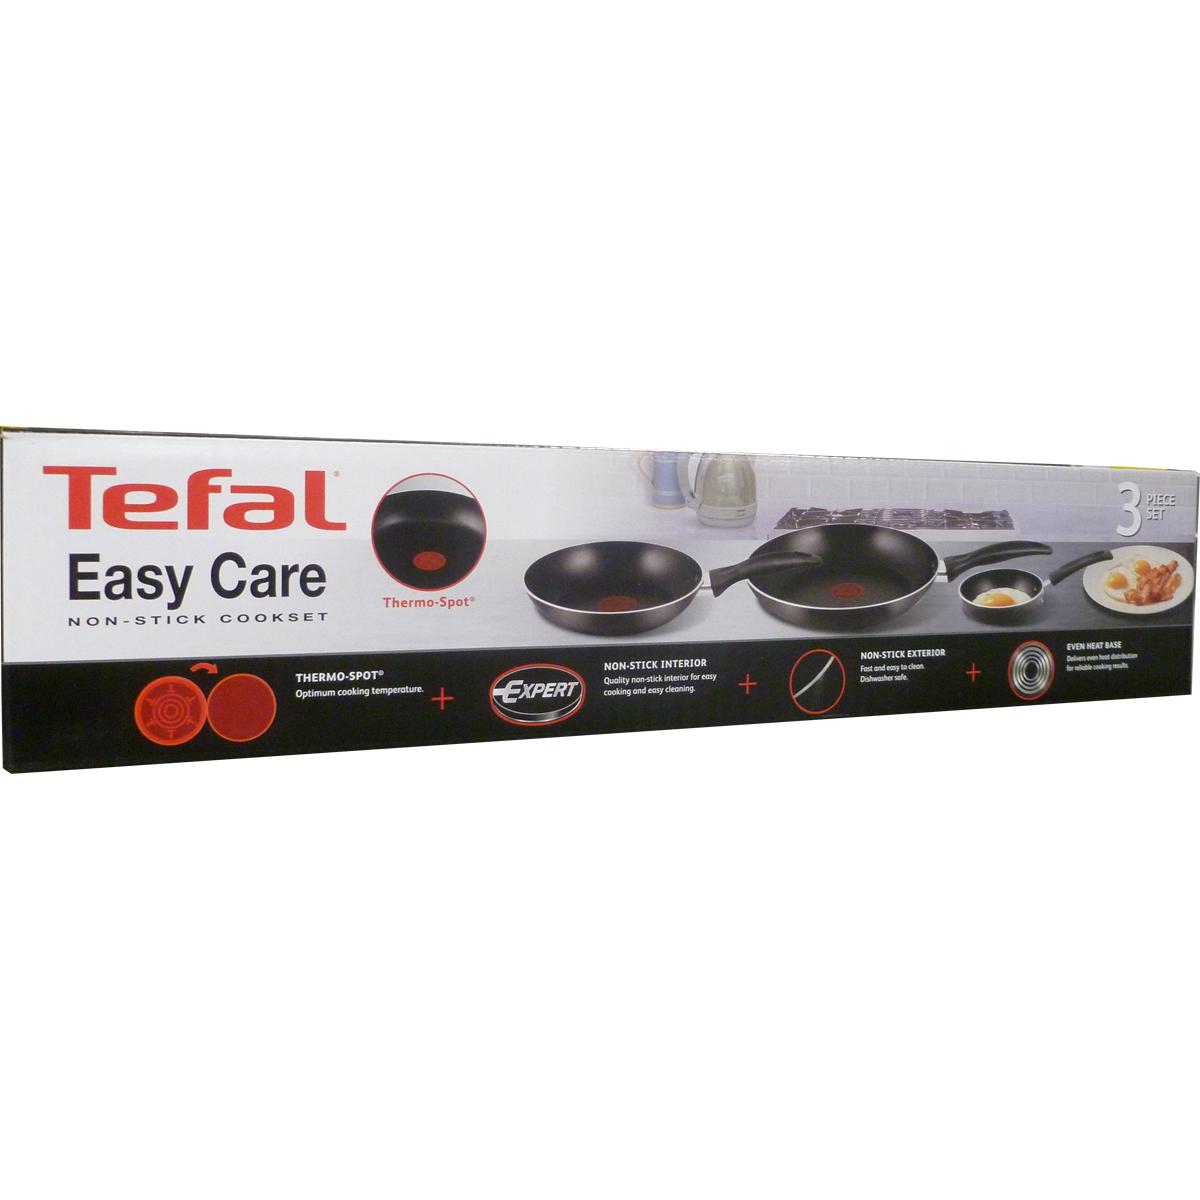 Tefal A762s344 Frypan Set Elf International Ltd